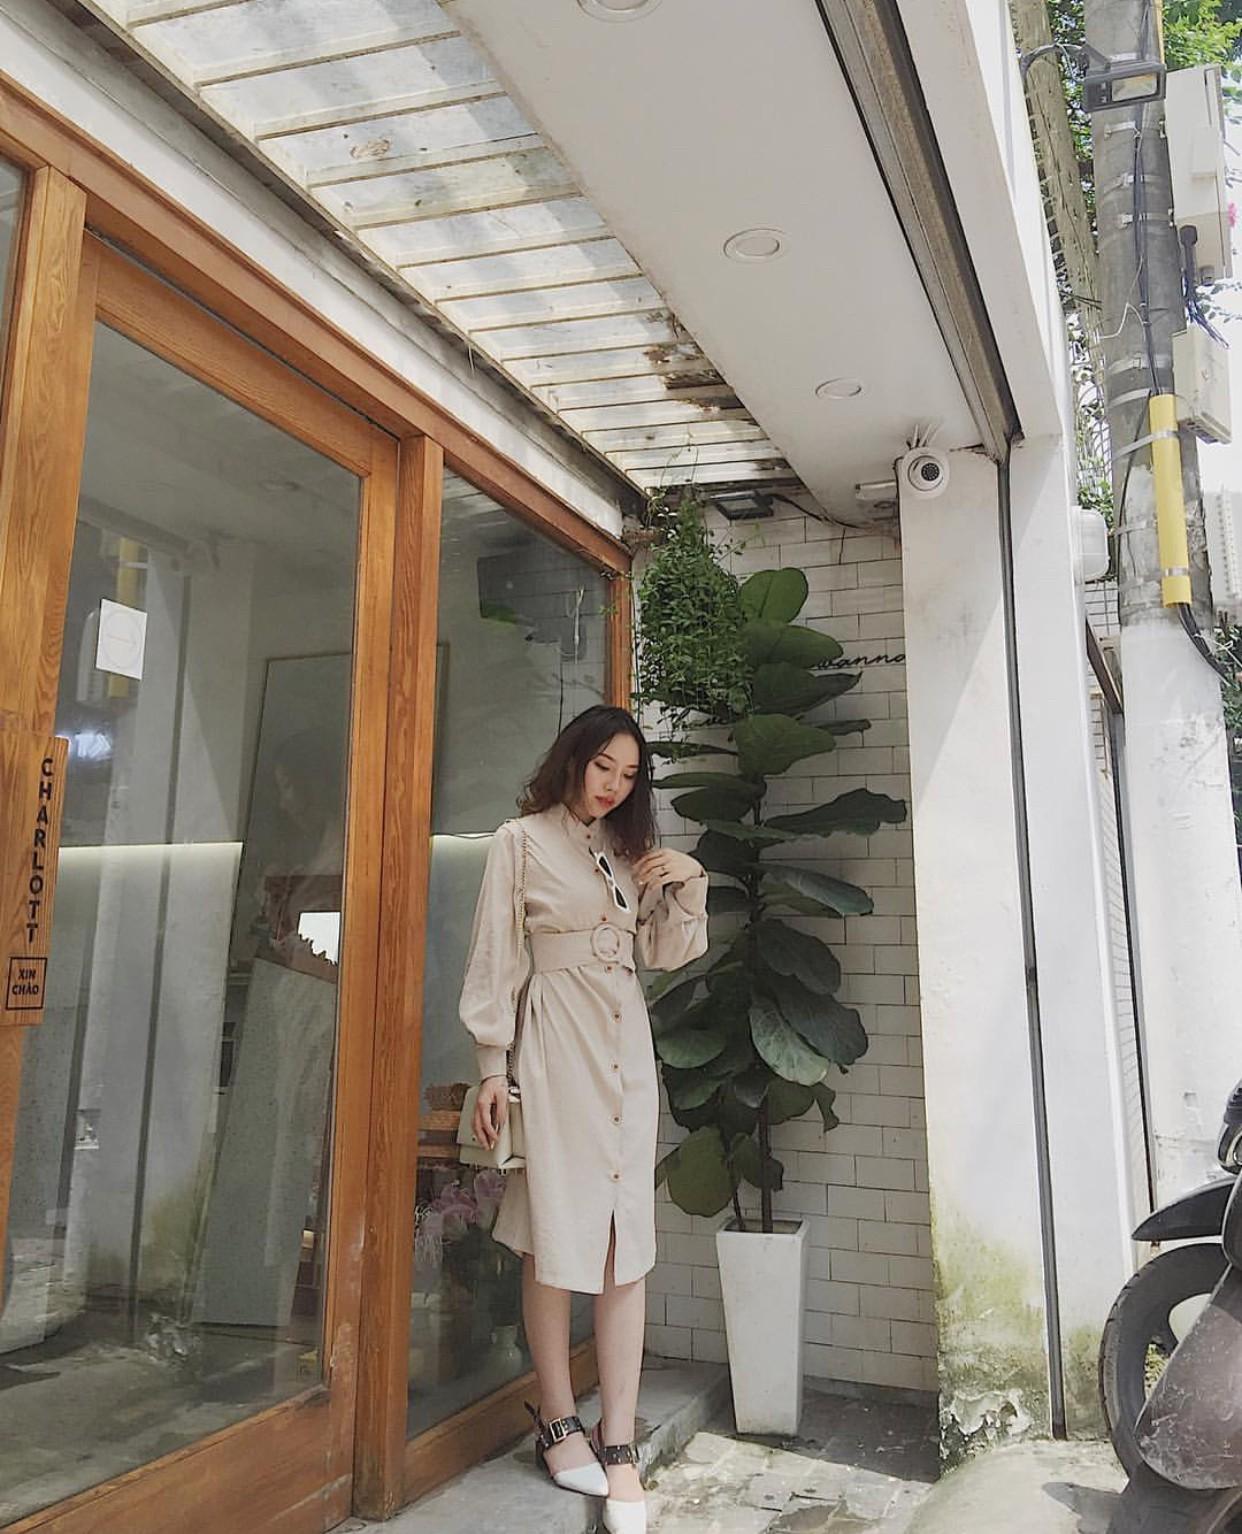 Ngoài quán cà phê, giới trẻ Việt Nam giờ còn ùn ùn đến các shop quần áo để chụp ảnh - Ảnh 16.